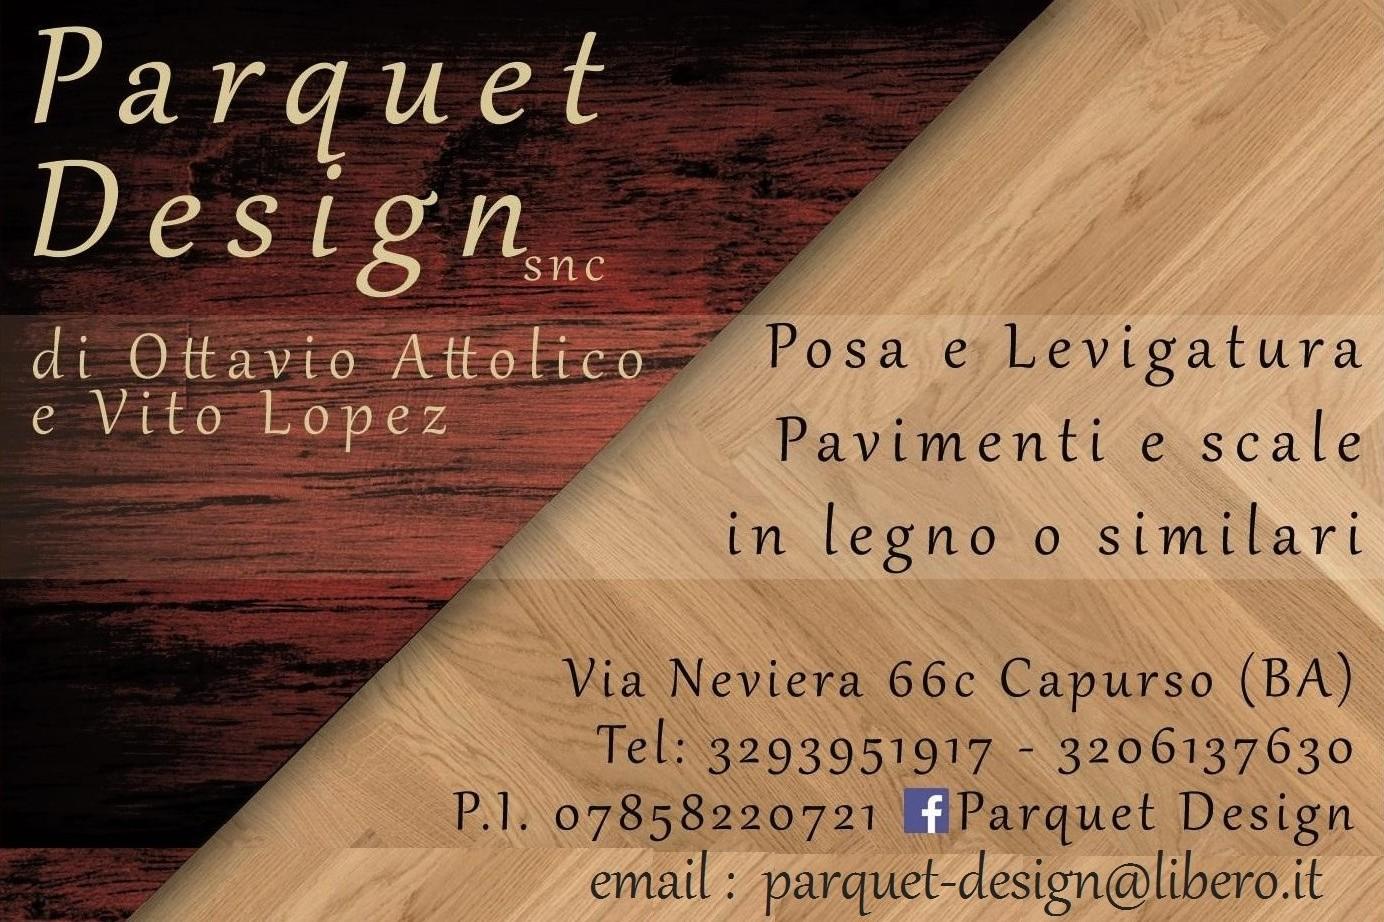 Parquet Design